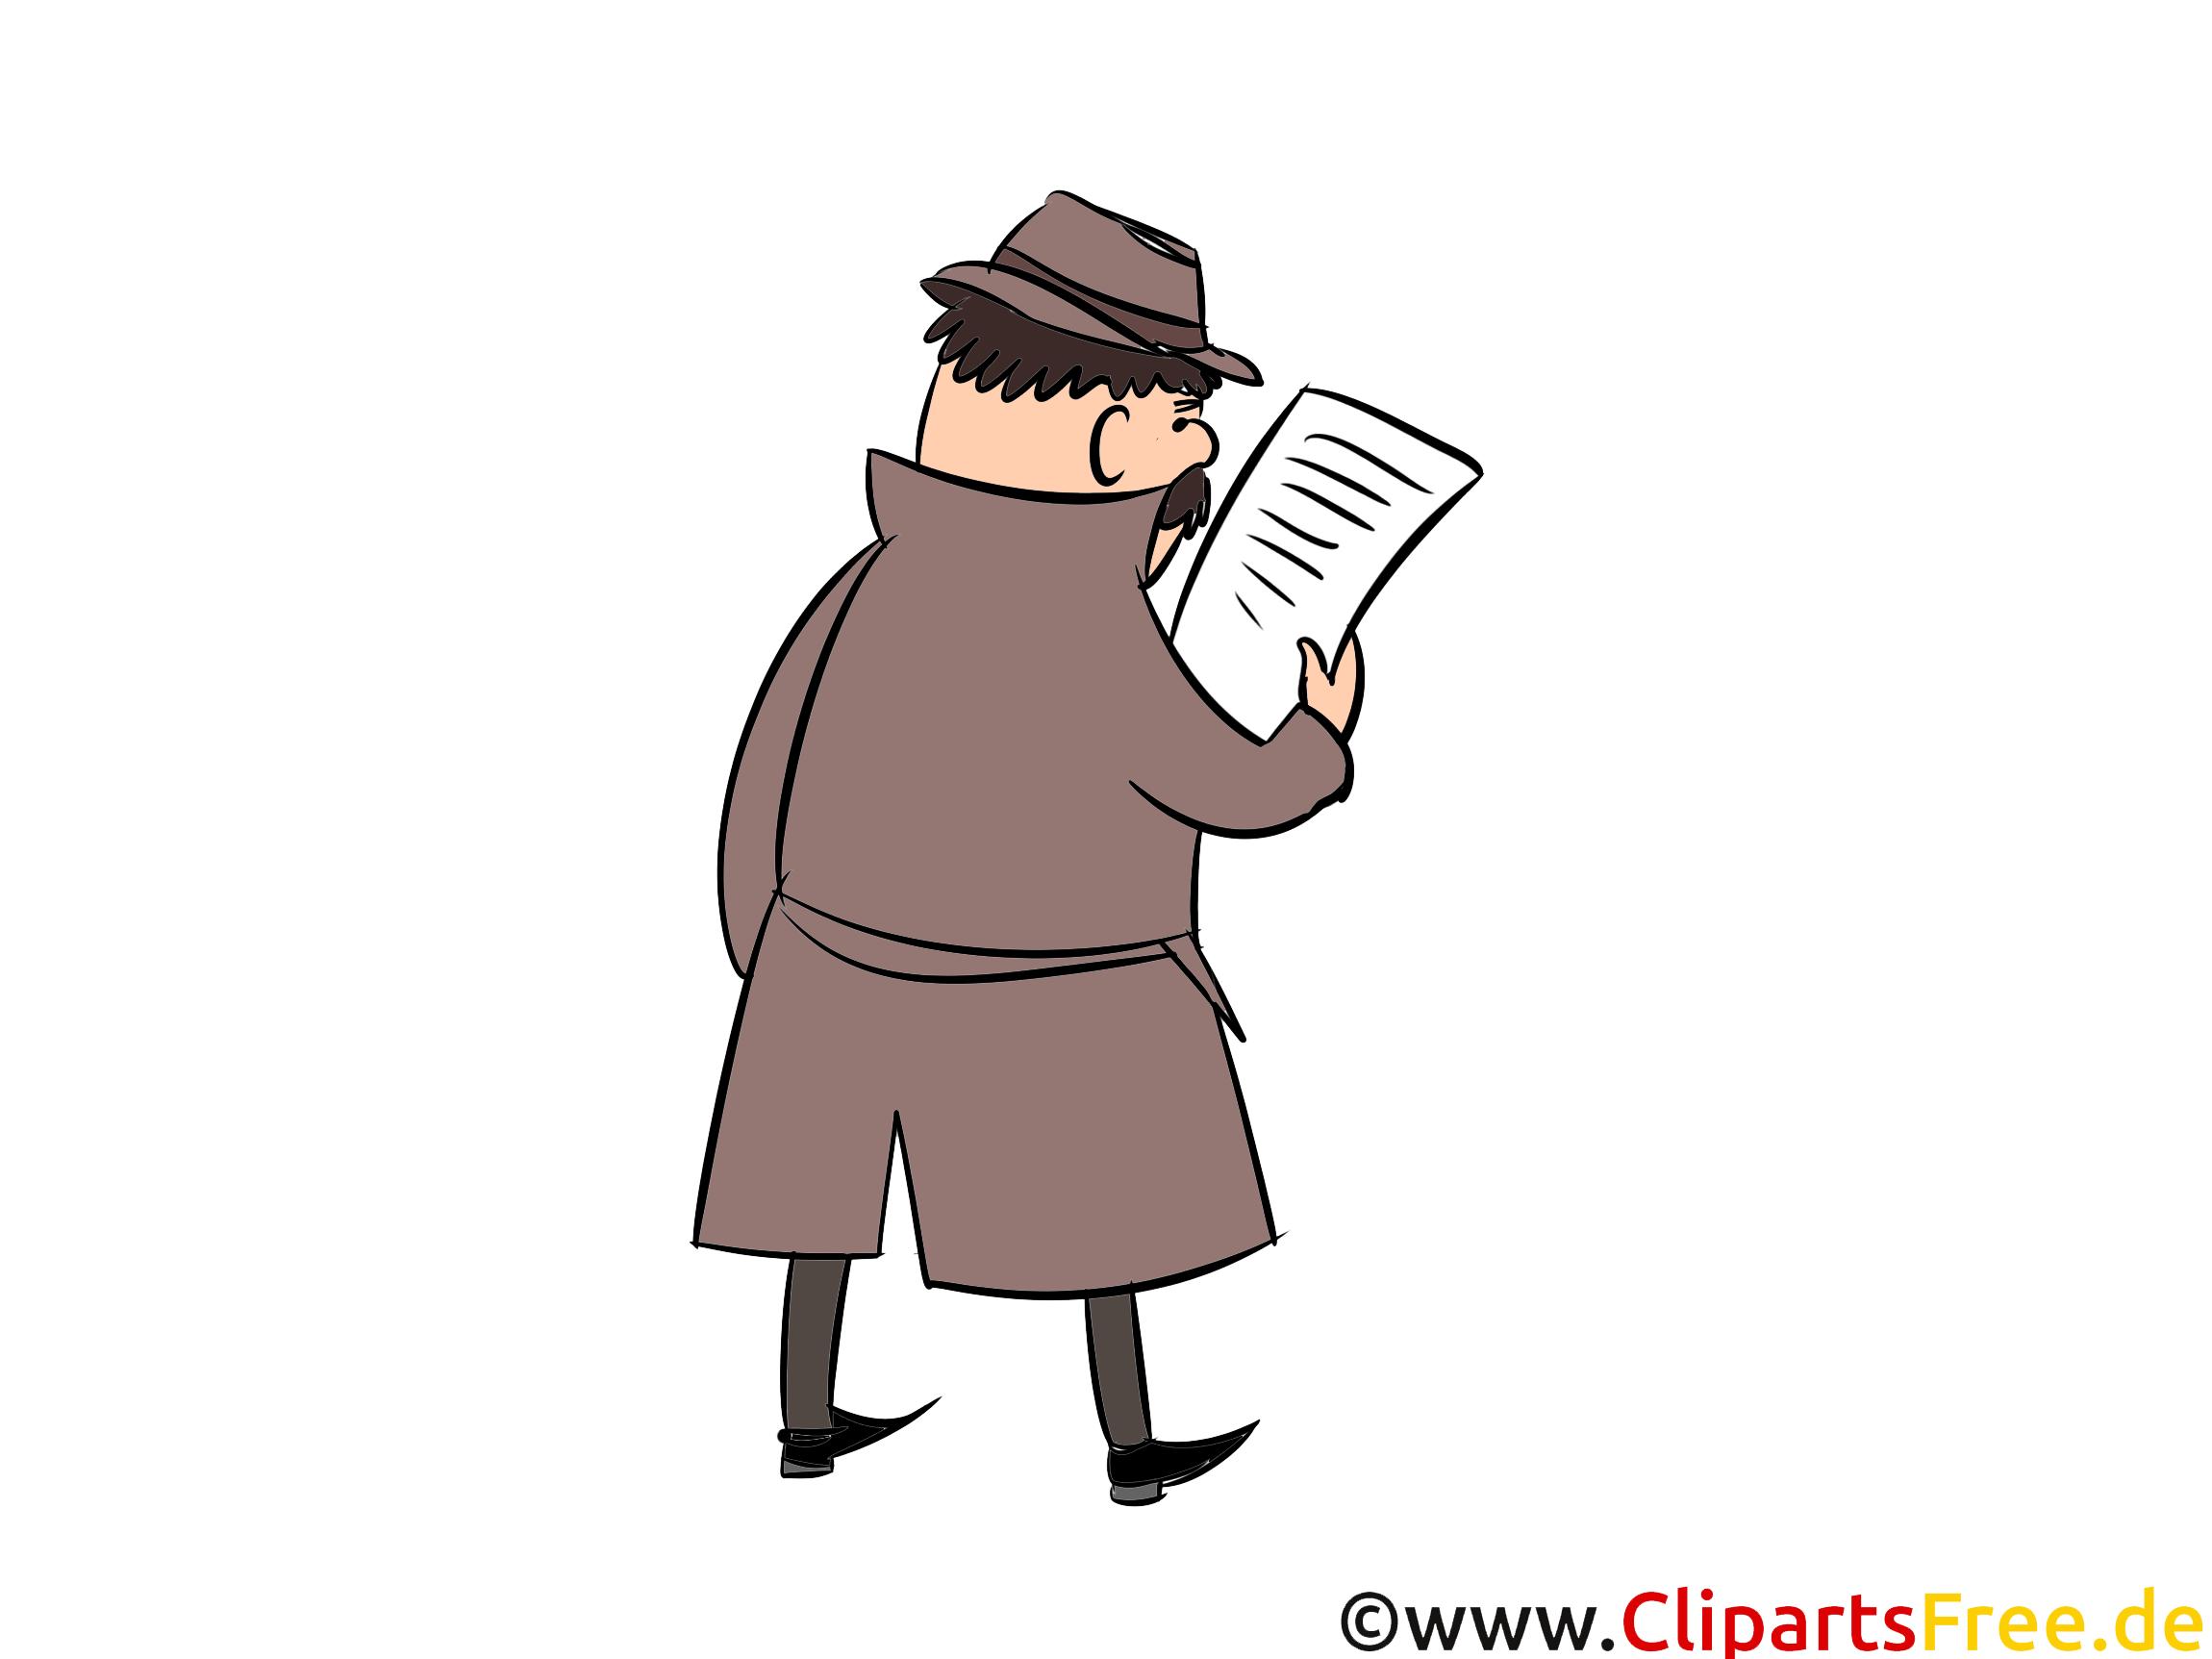 Mann im Regenmantel und Hut Clipart, Illustration, Bild, Comic